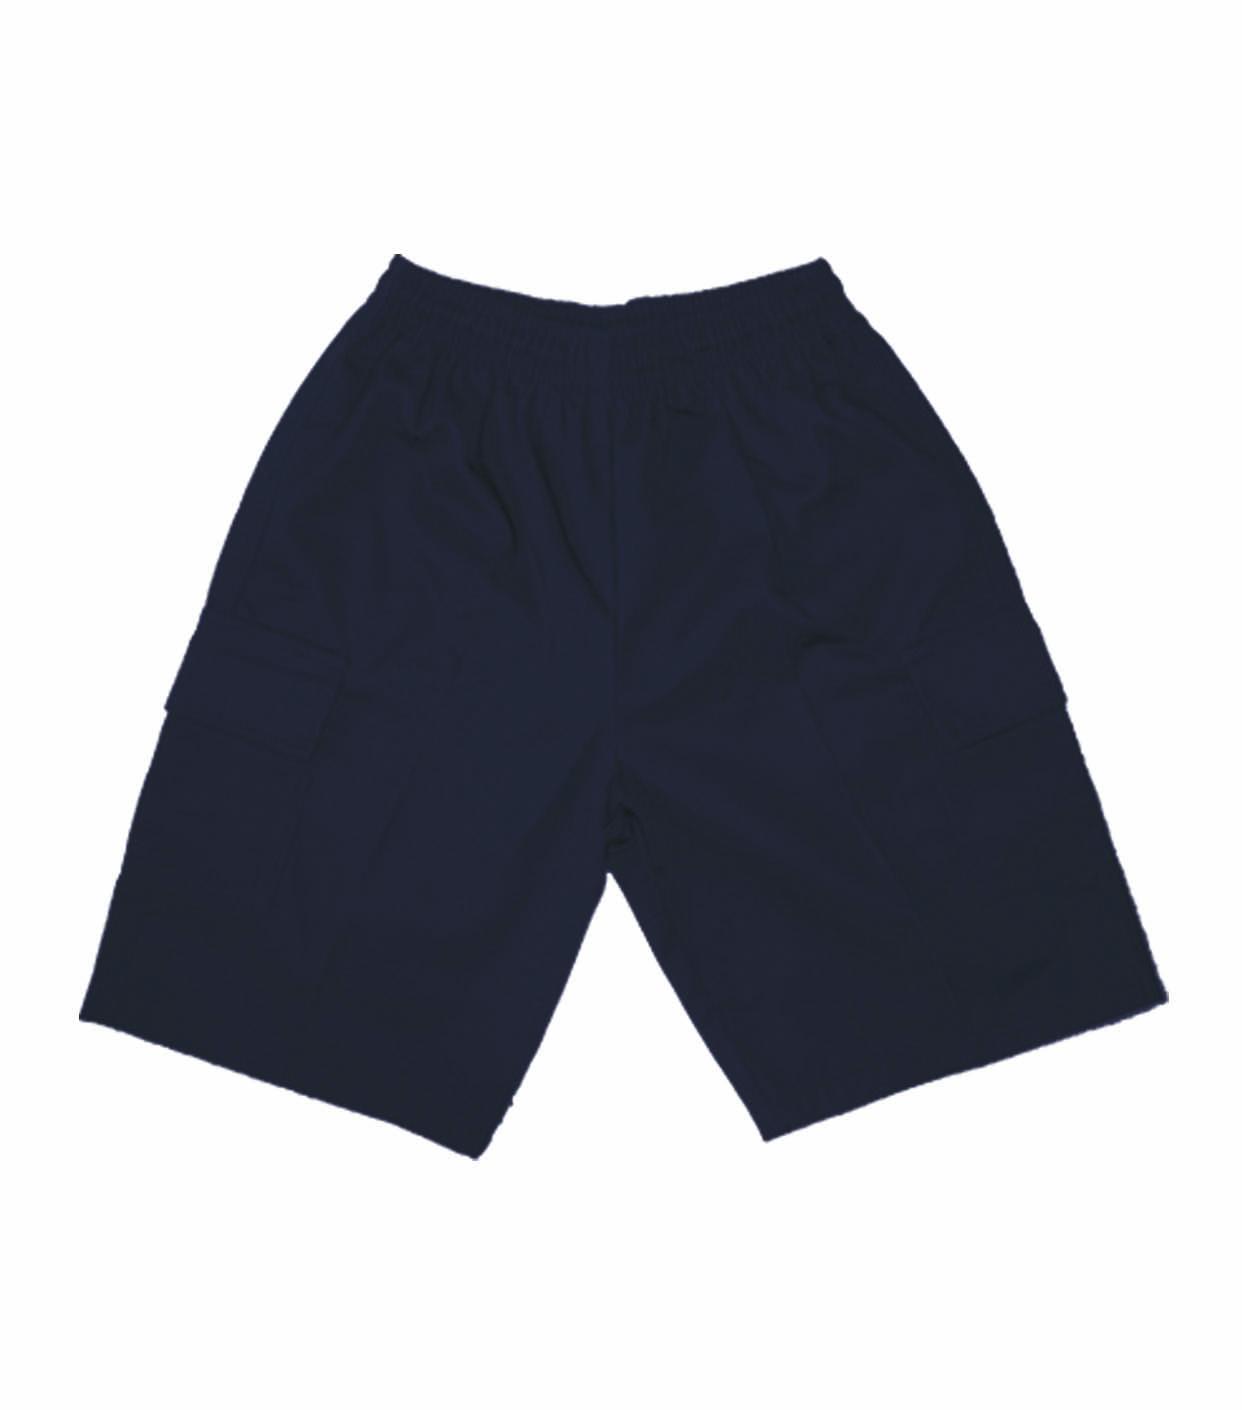 Rawhiti Uniform Cargo Short